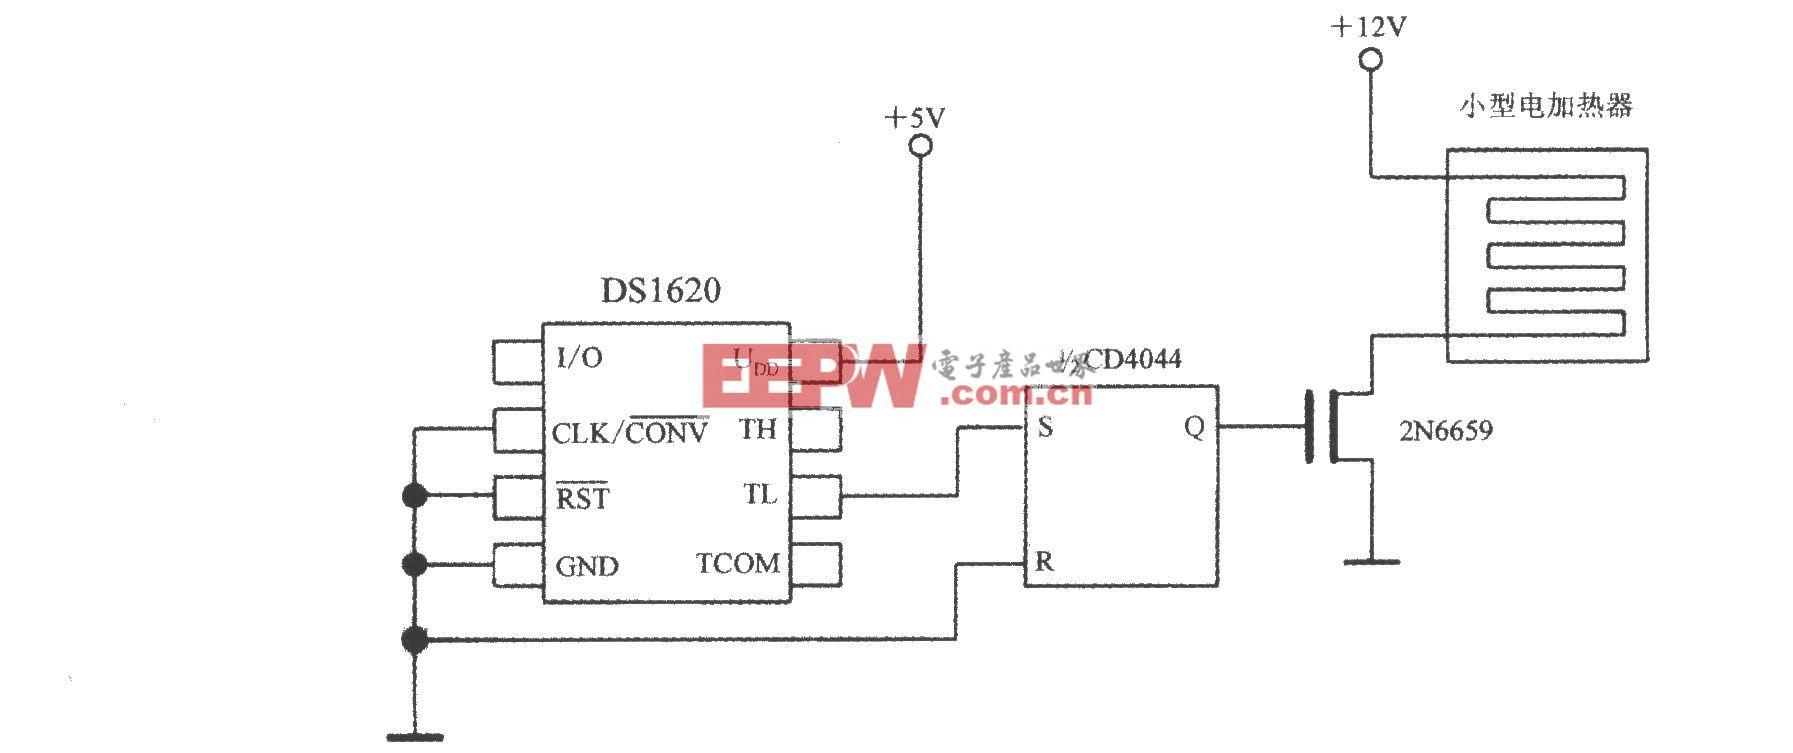 由带三线串行接口智能温度传感器DS1620构成的小型电加热器的控温电路